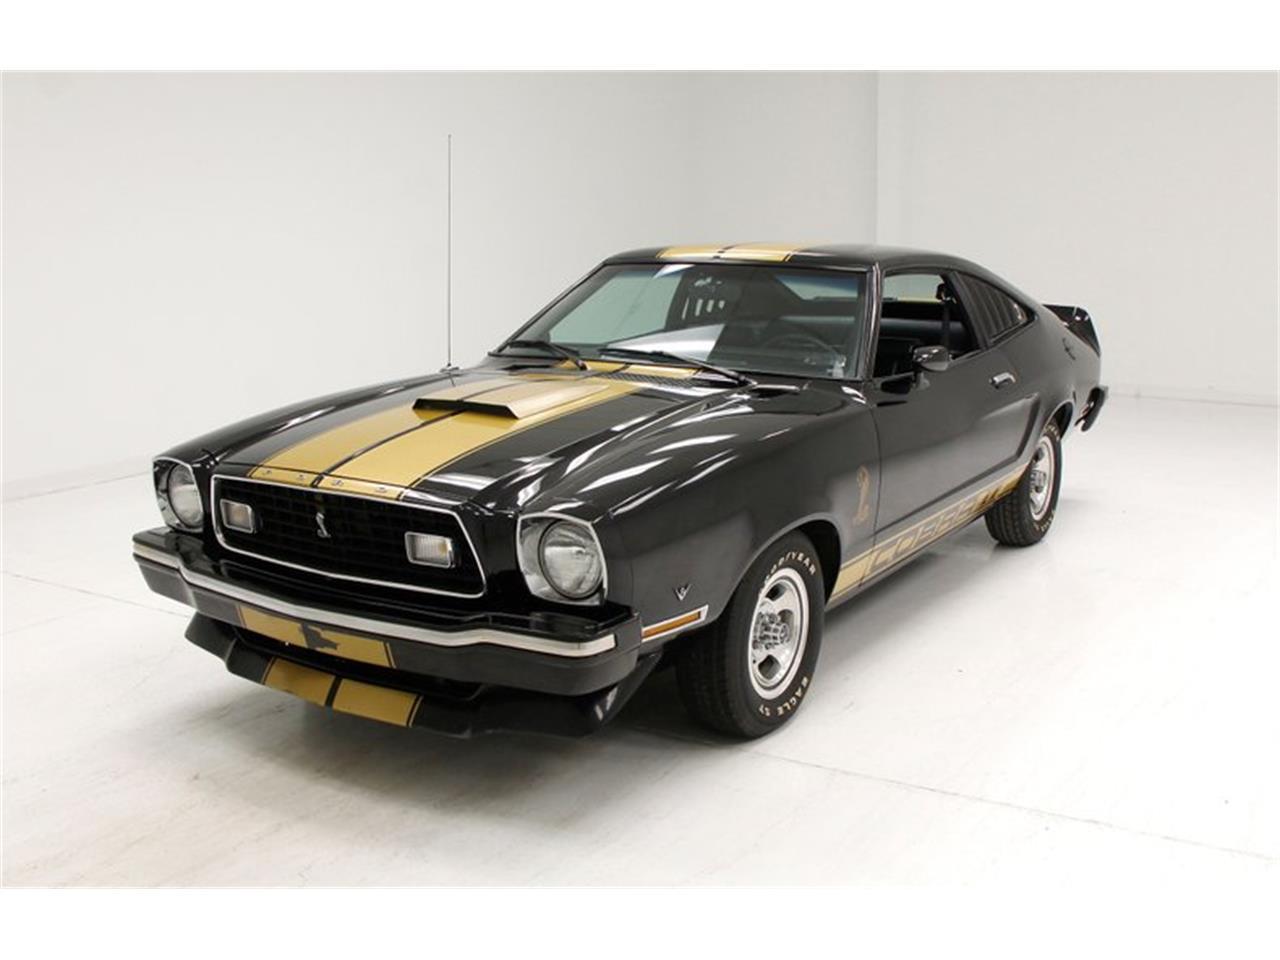 Ford Mustang Cobra ii v8 1976 prix tout compris 1976